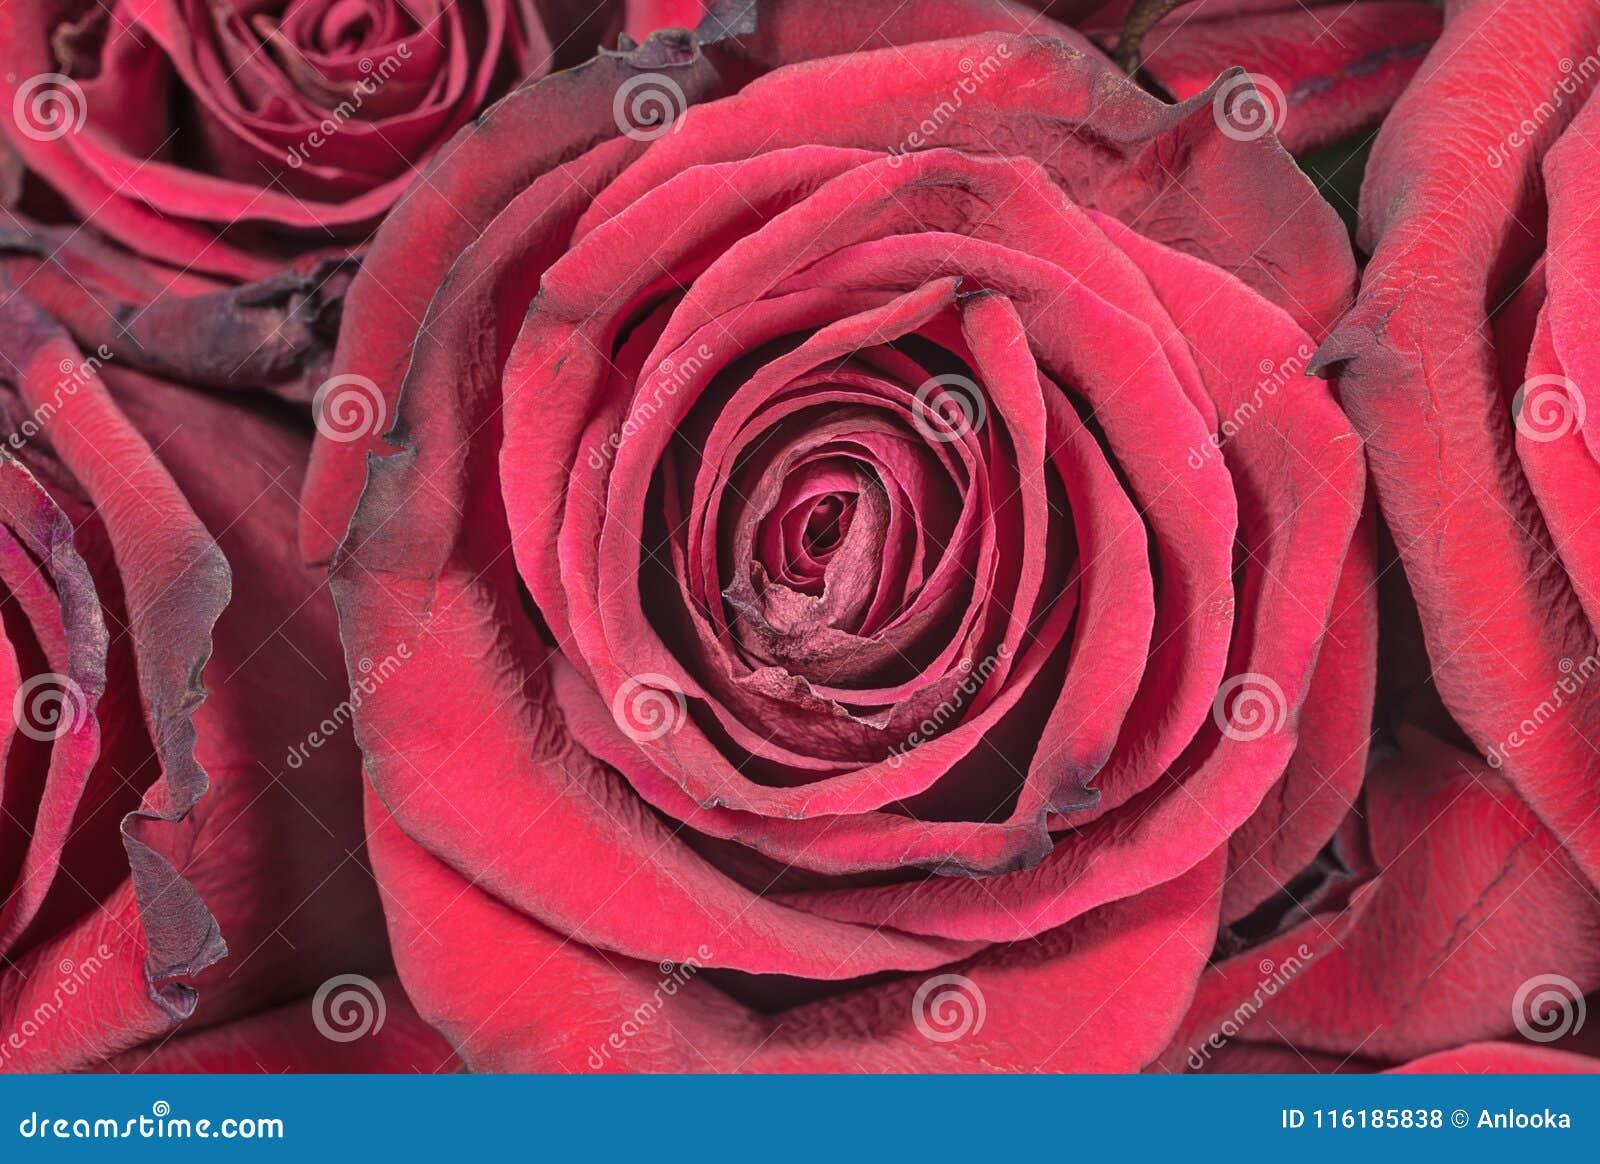 Οφθαλμοί των καταπληκτικών τριαντάφυλλων γρανατών